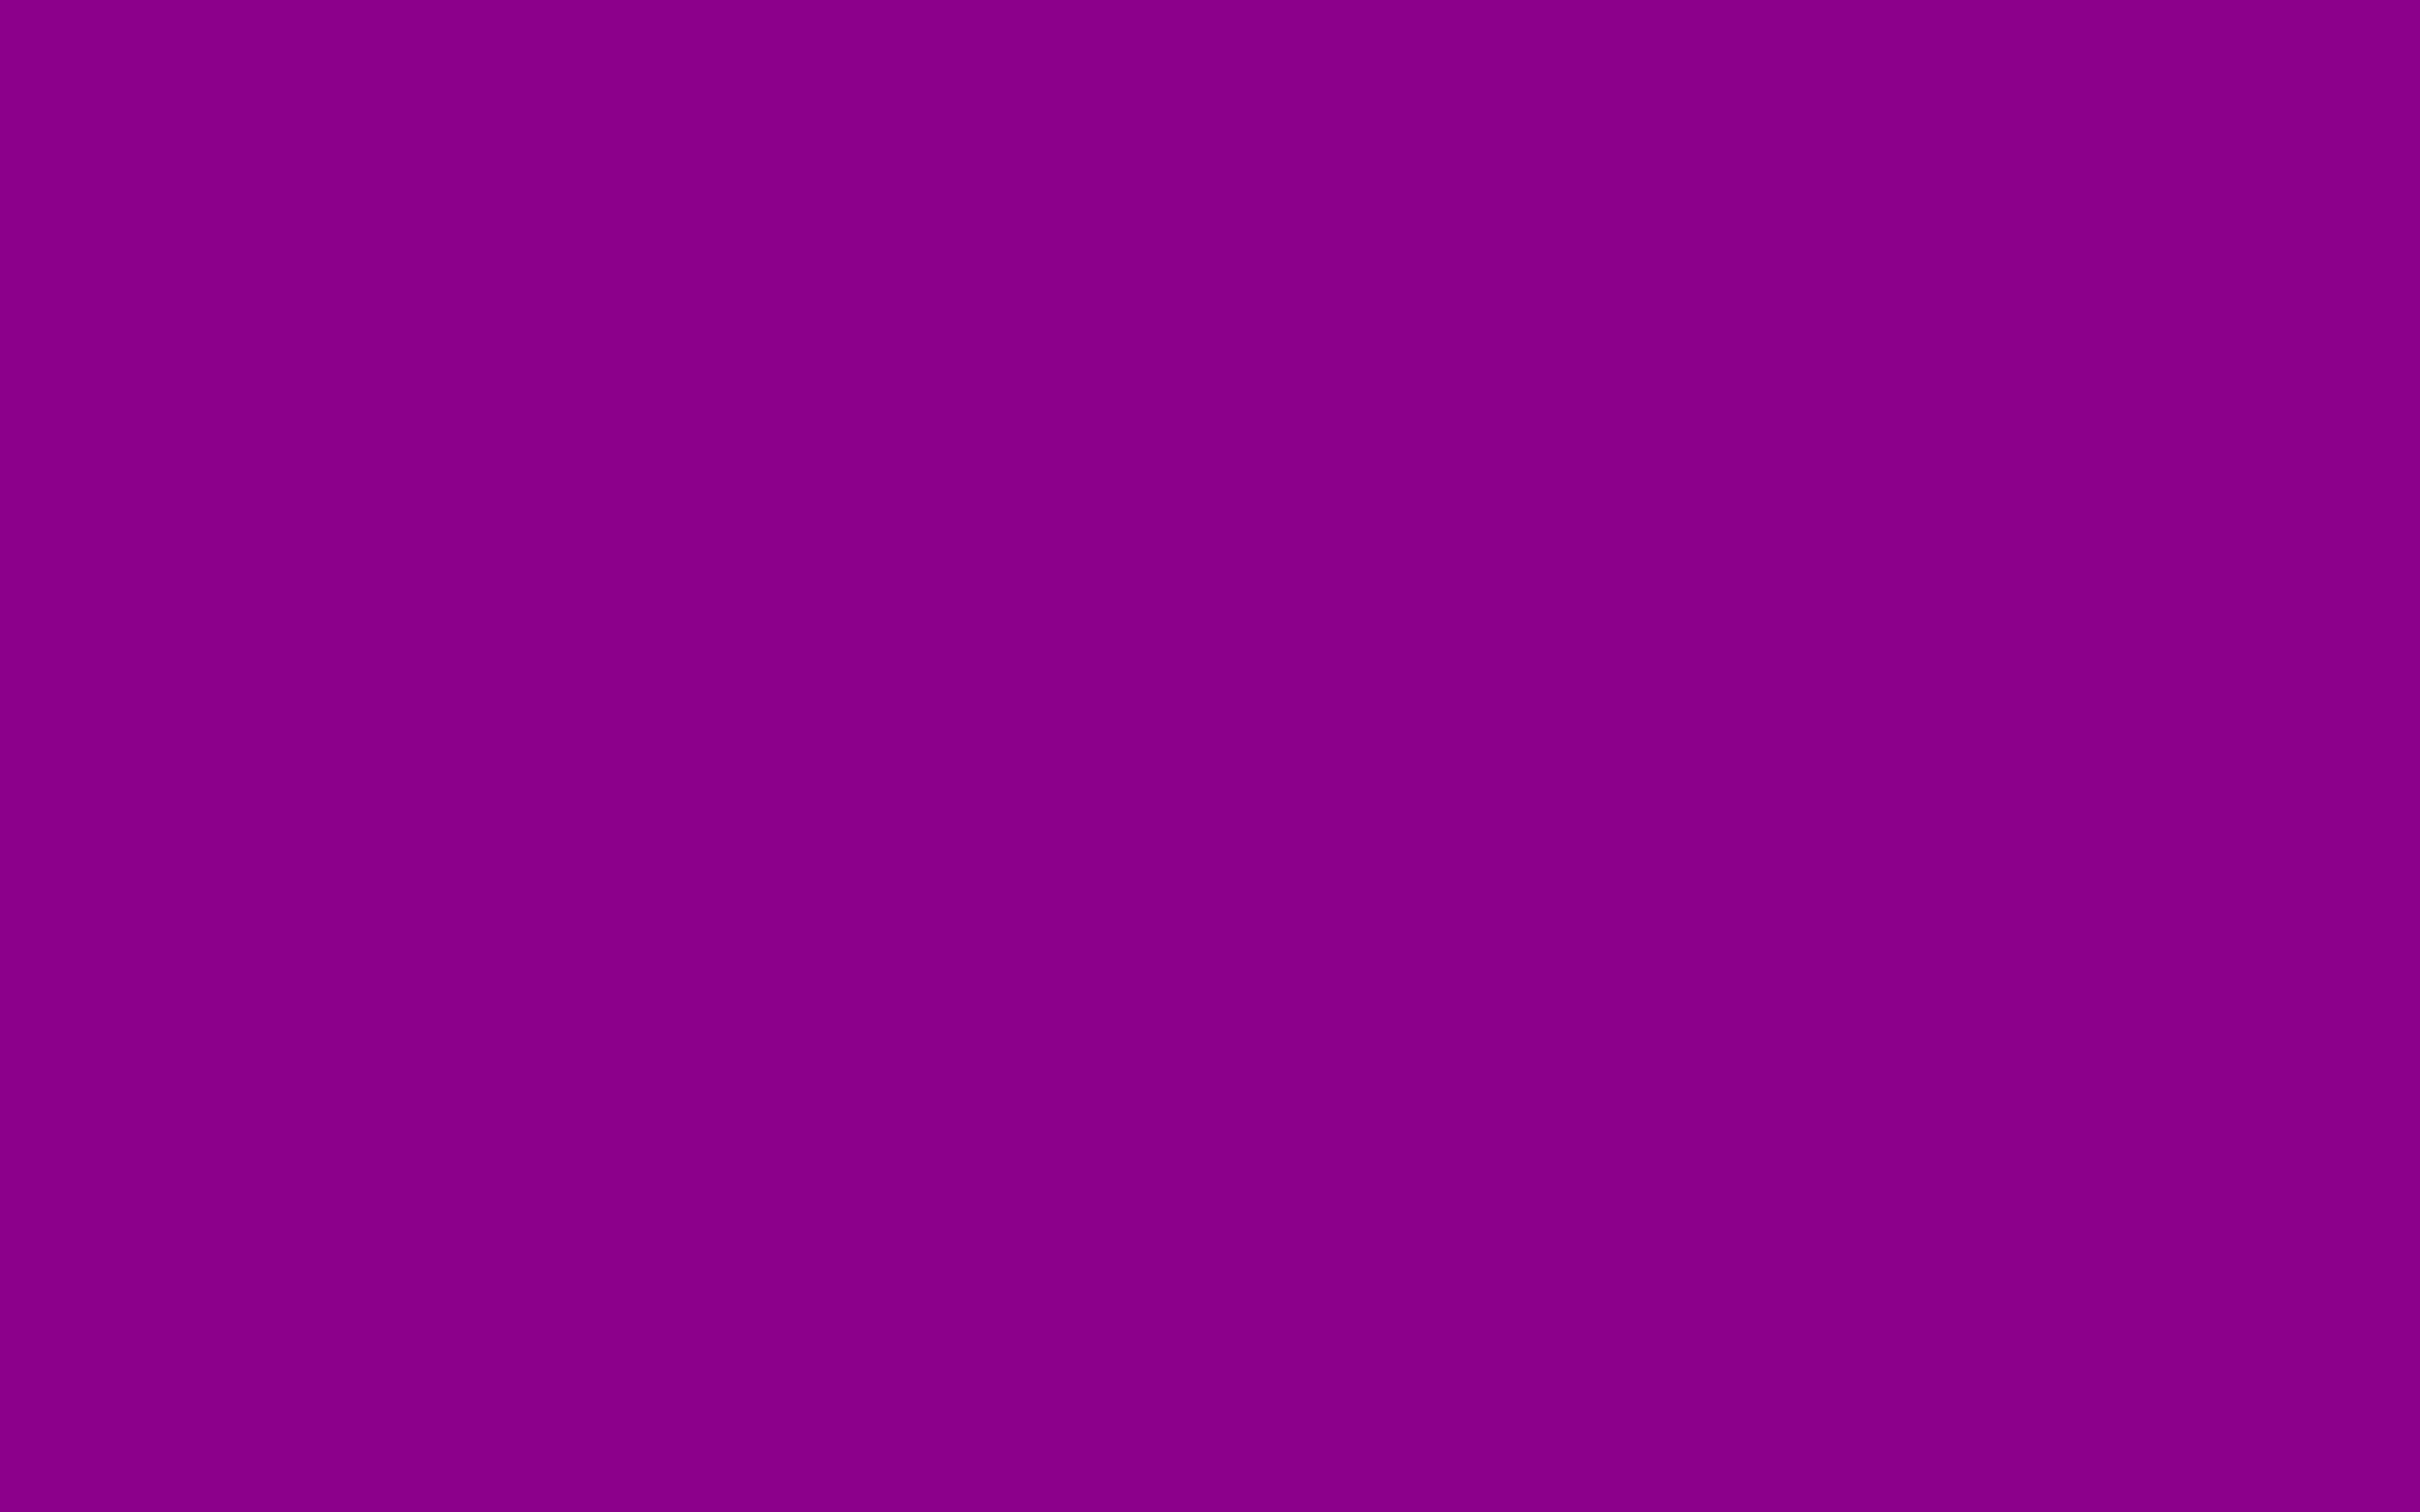 2560x1600 Dark Magenta Solid Color Background